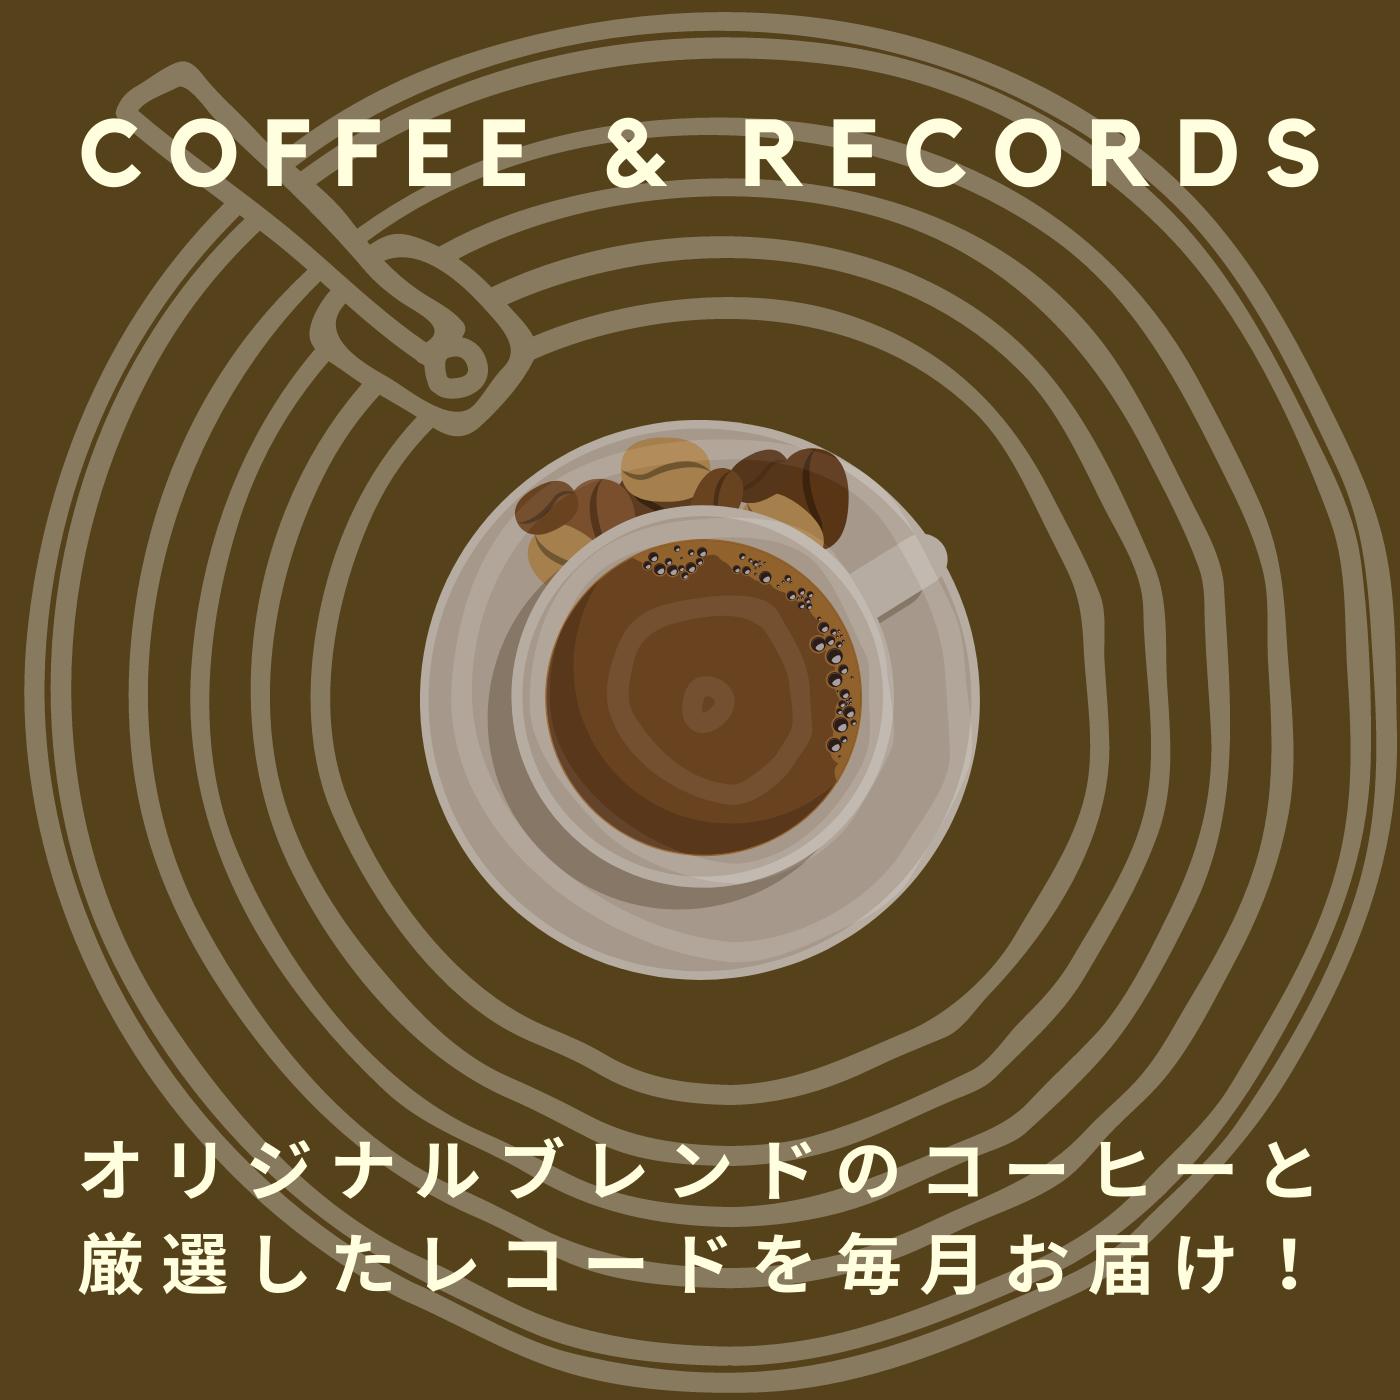 焙煎された珈琲豆と厳選されたレコードが毎月ご自宅に届くスペシャルBOX